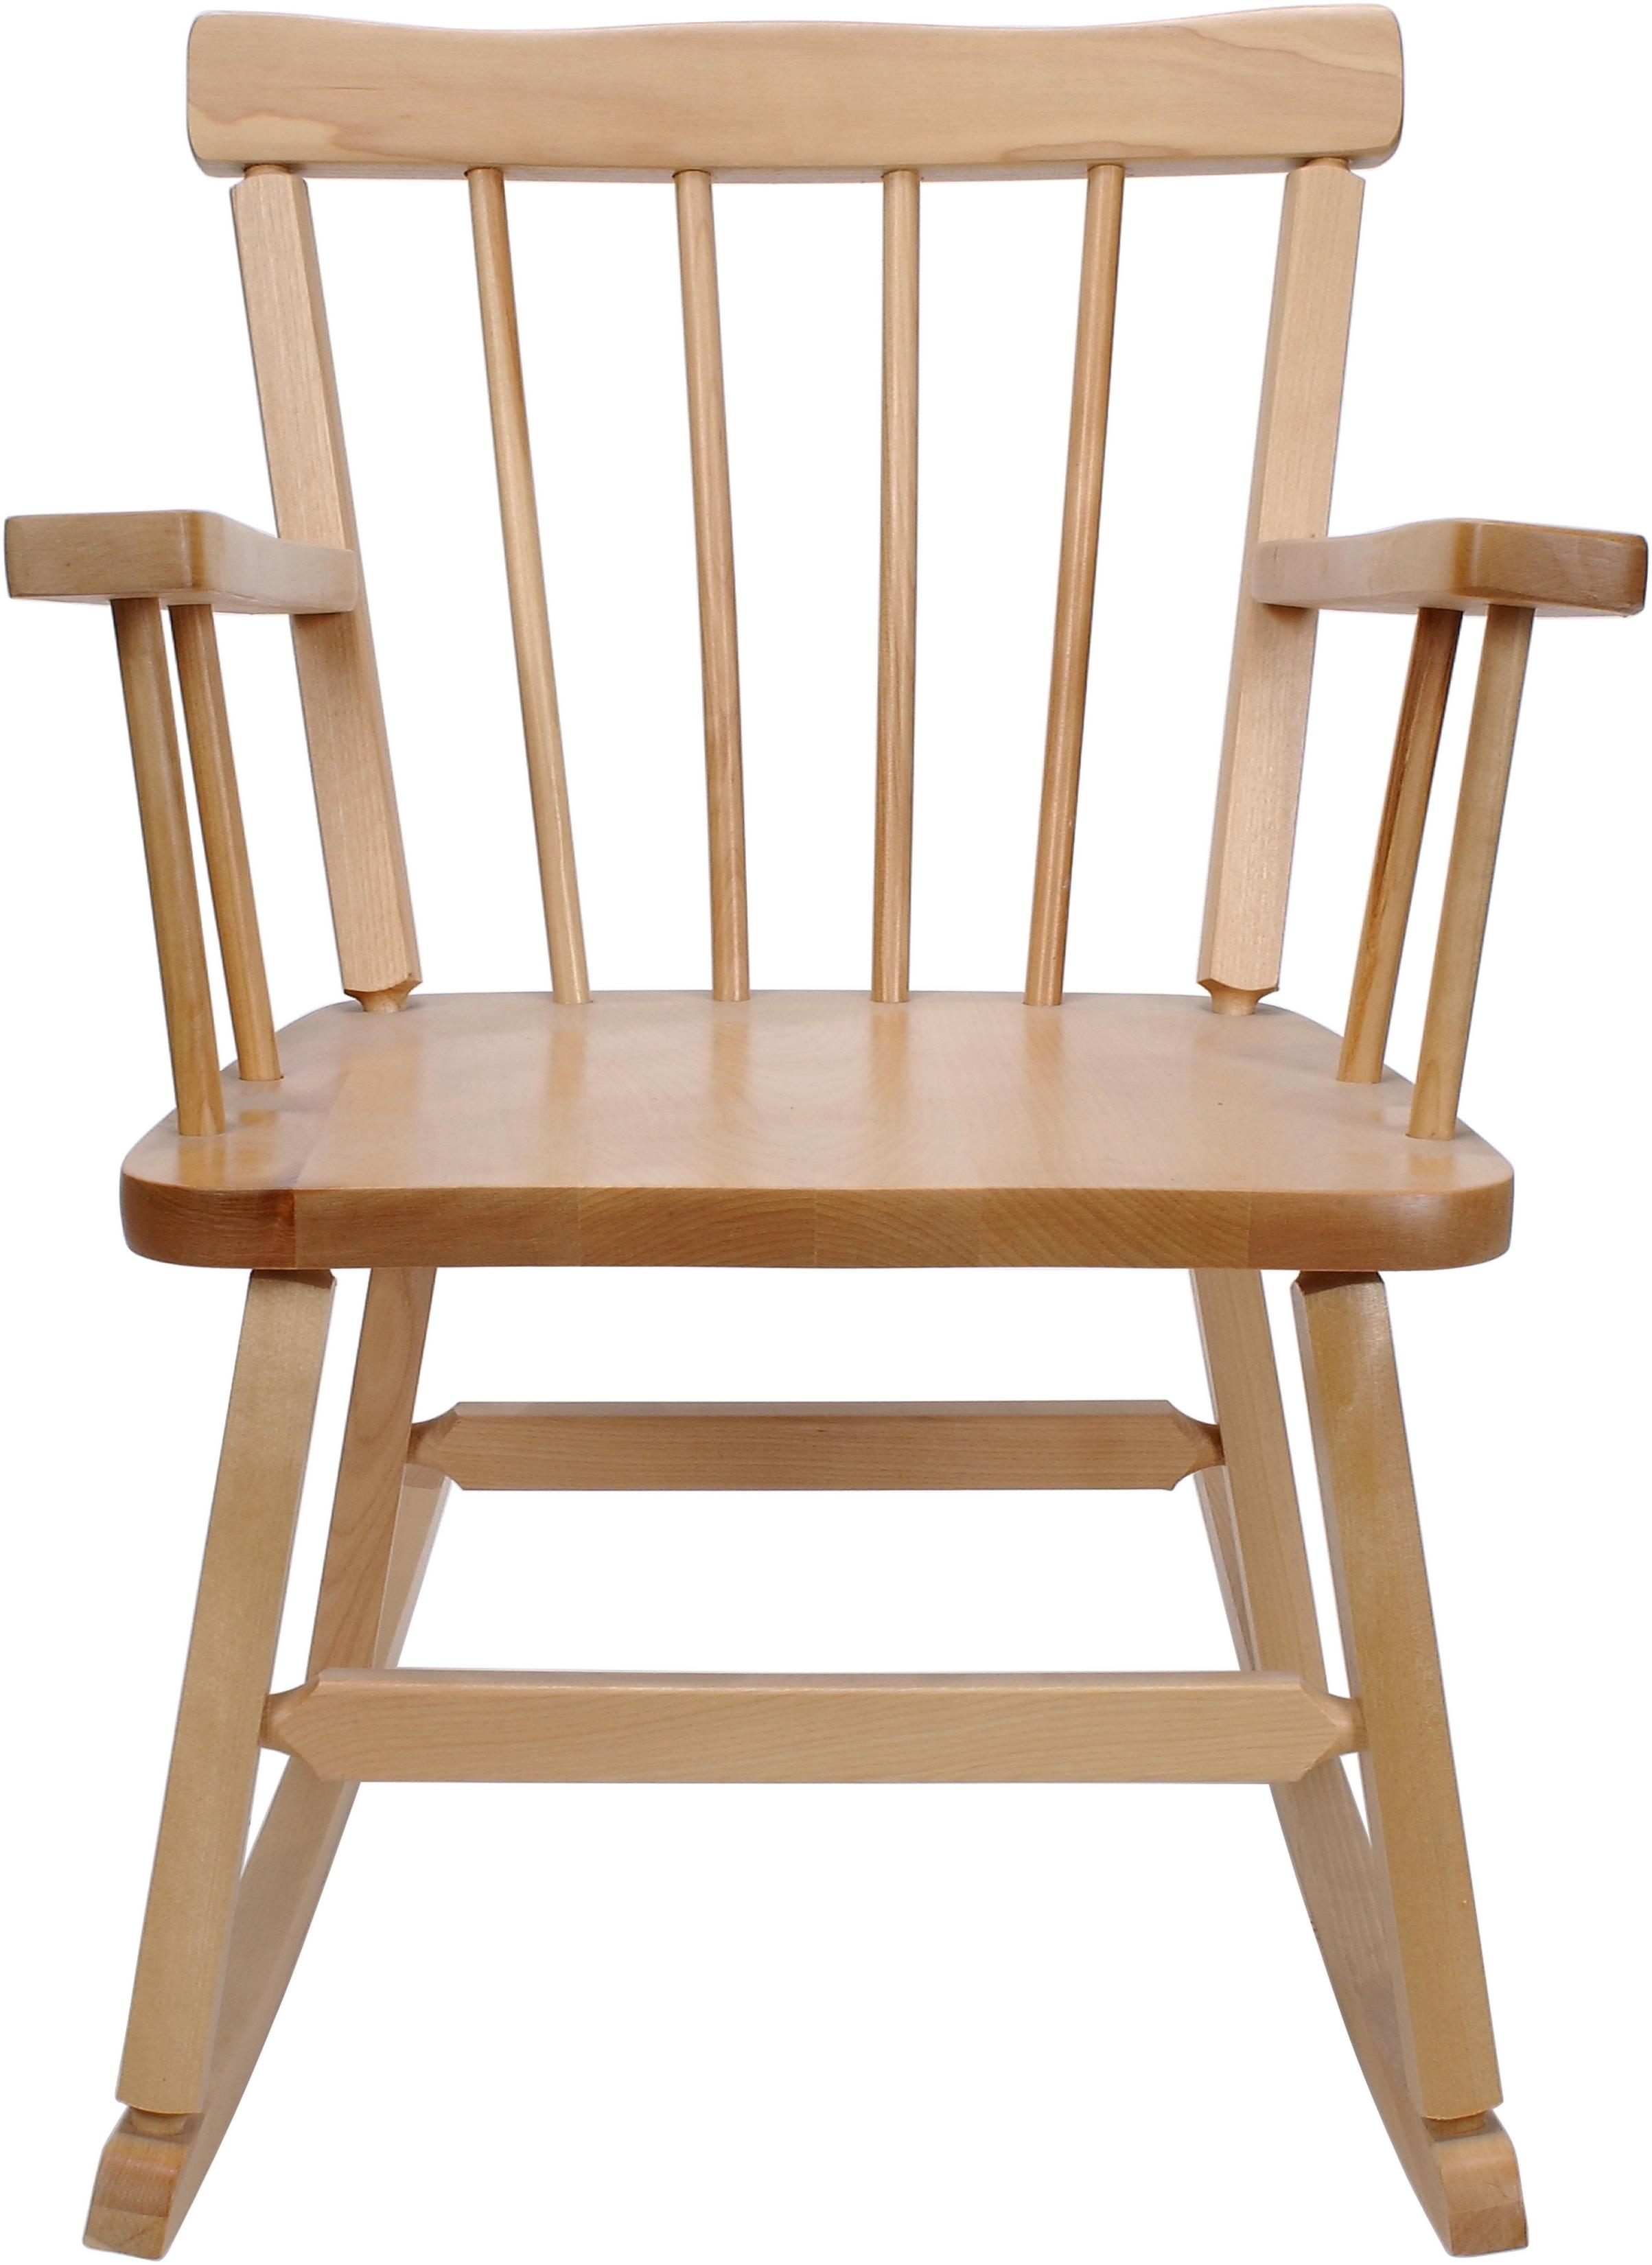 Muebles pino sin tratar gallery maderas de pino para muebles image of with muebles pino sin - Muebles de pino baratos ...